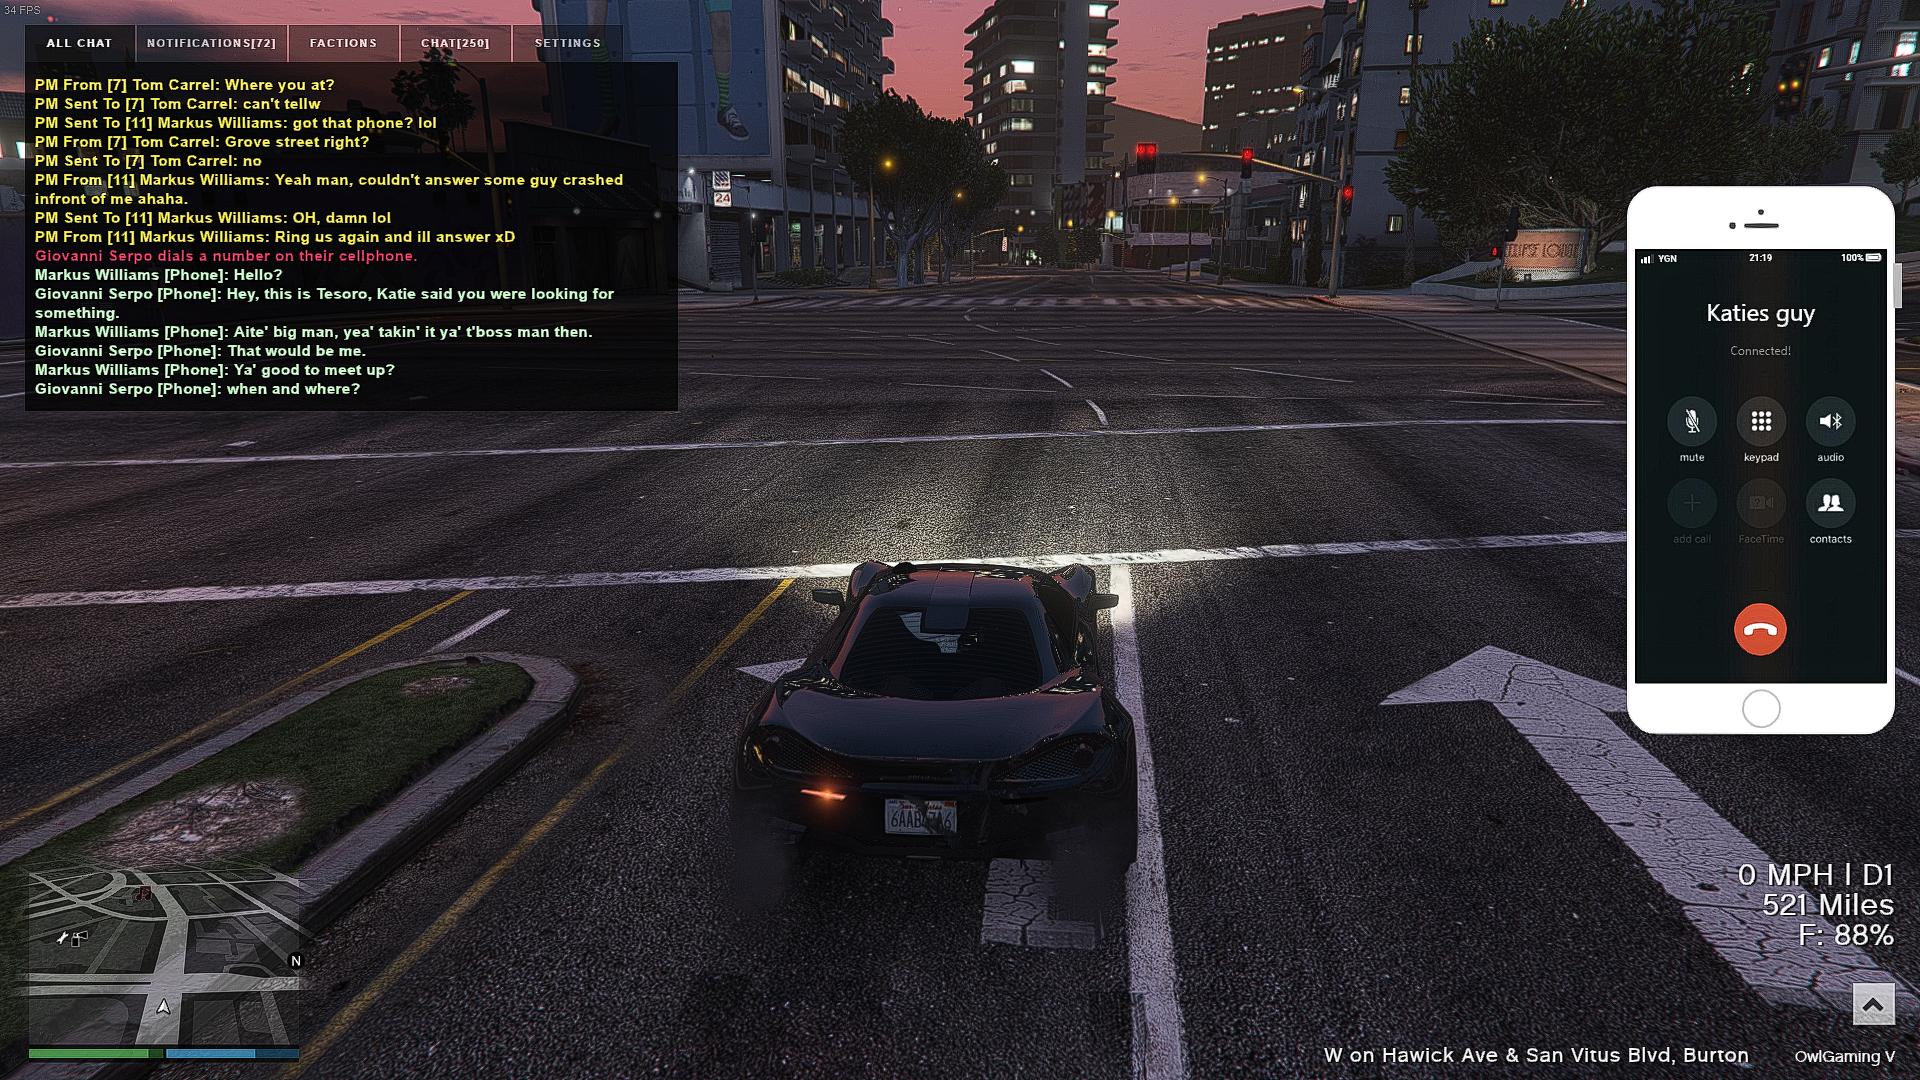 Grand_Theft_Auto_V_Screenshot_2020.05.02